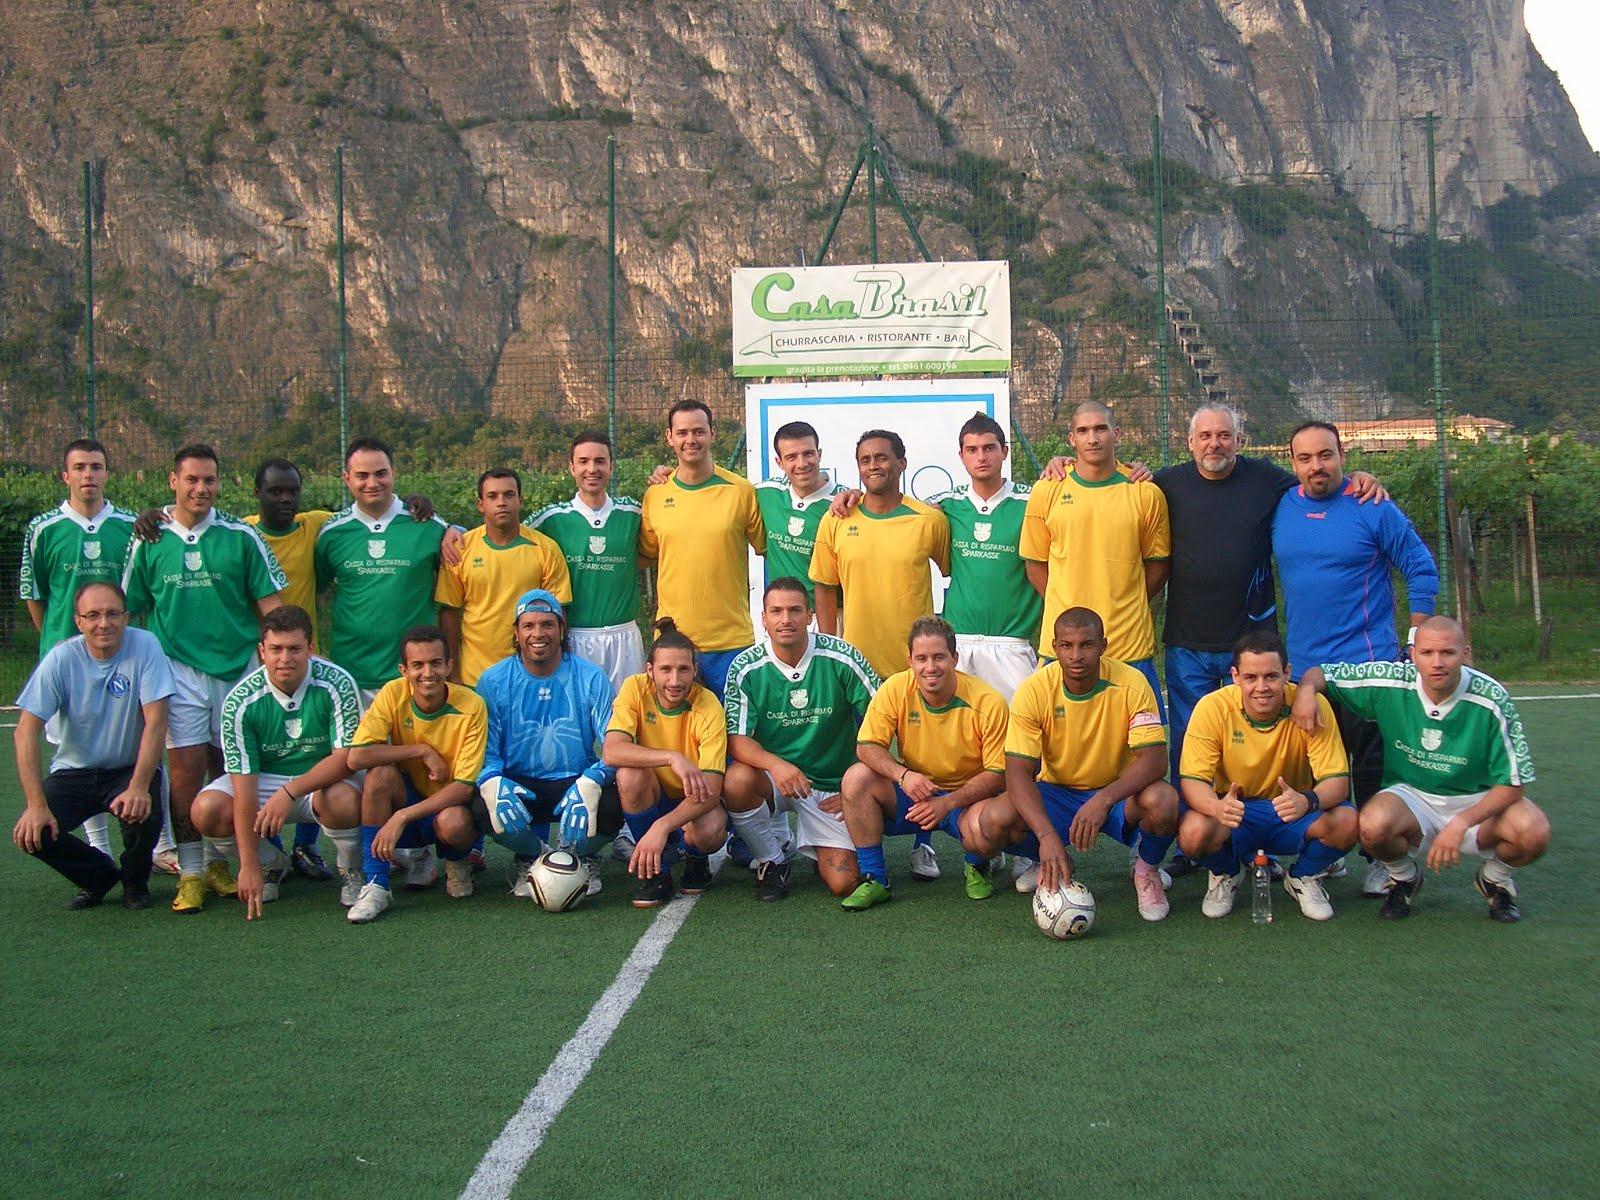 Calcio Per Bambini Bolzano : Napoli club bolzano il